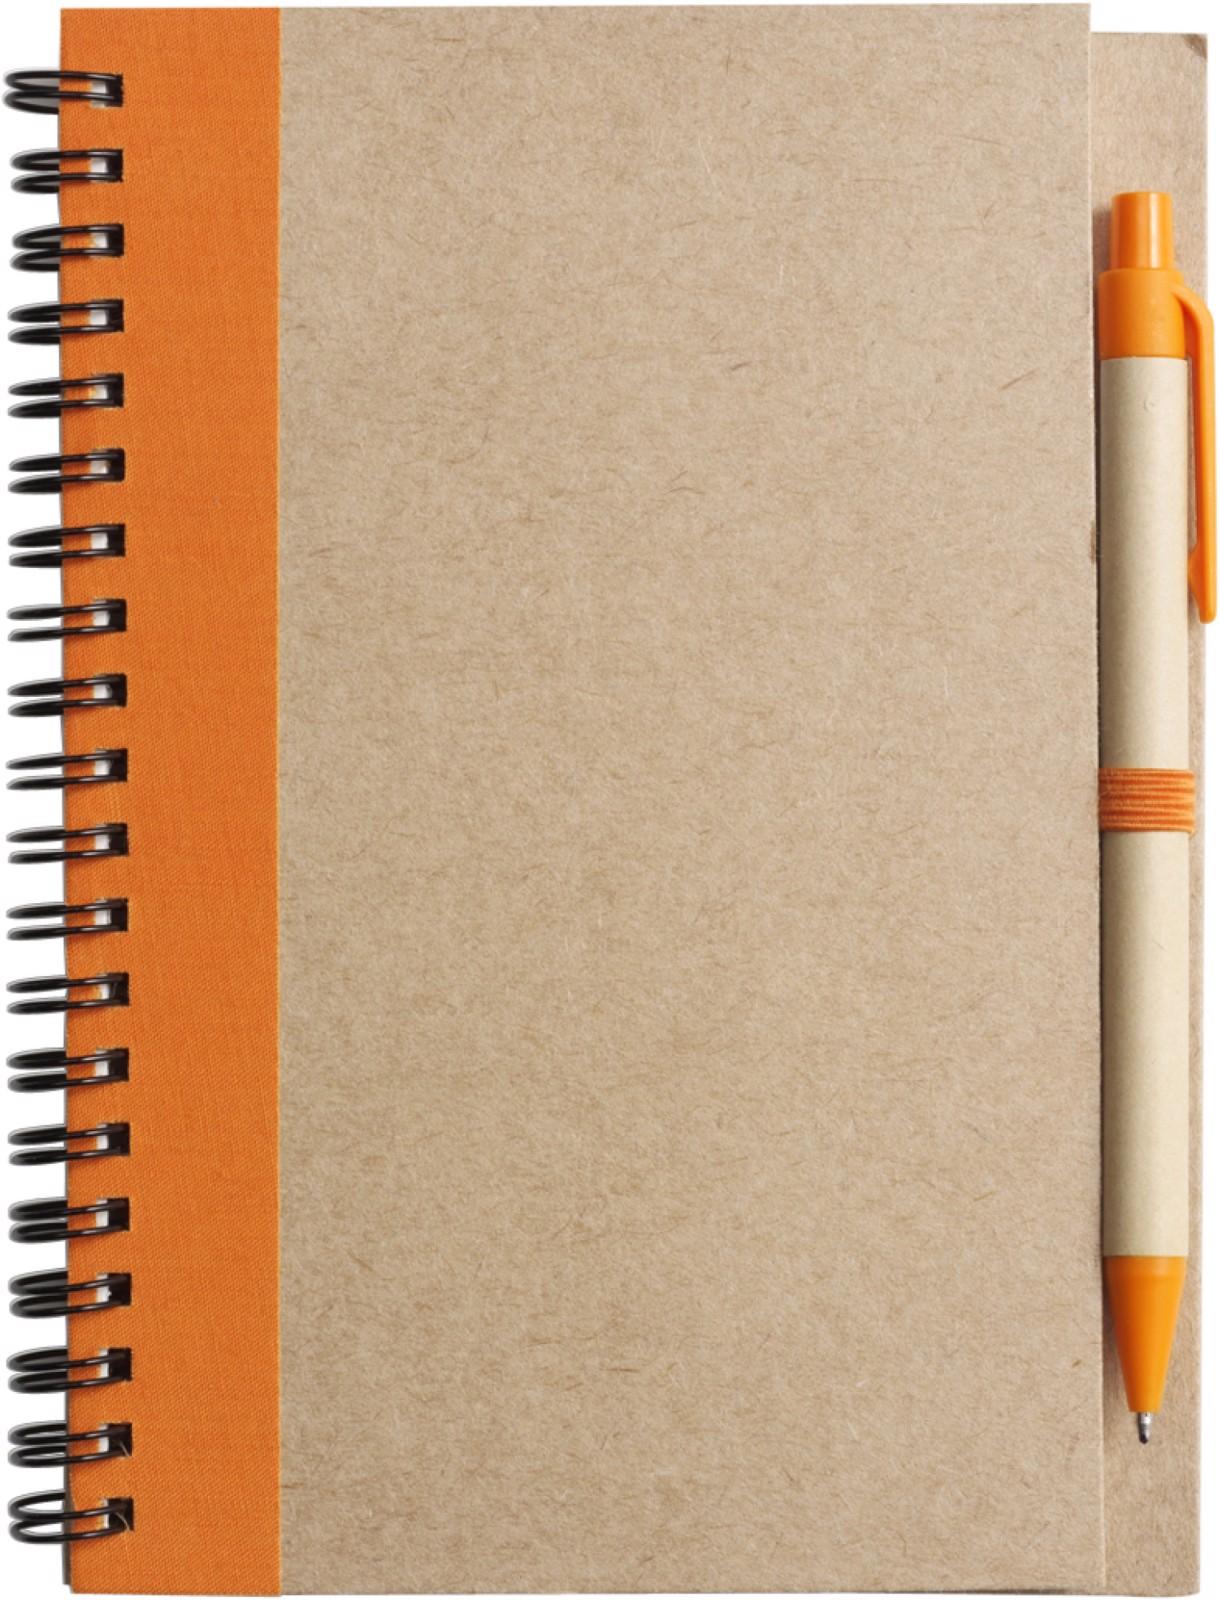 Cuaderno con espiral, y bolígrafo - Orange